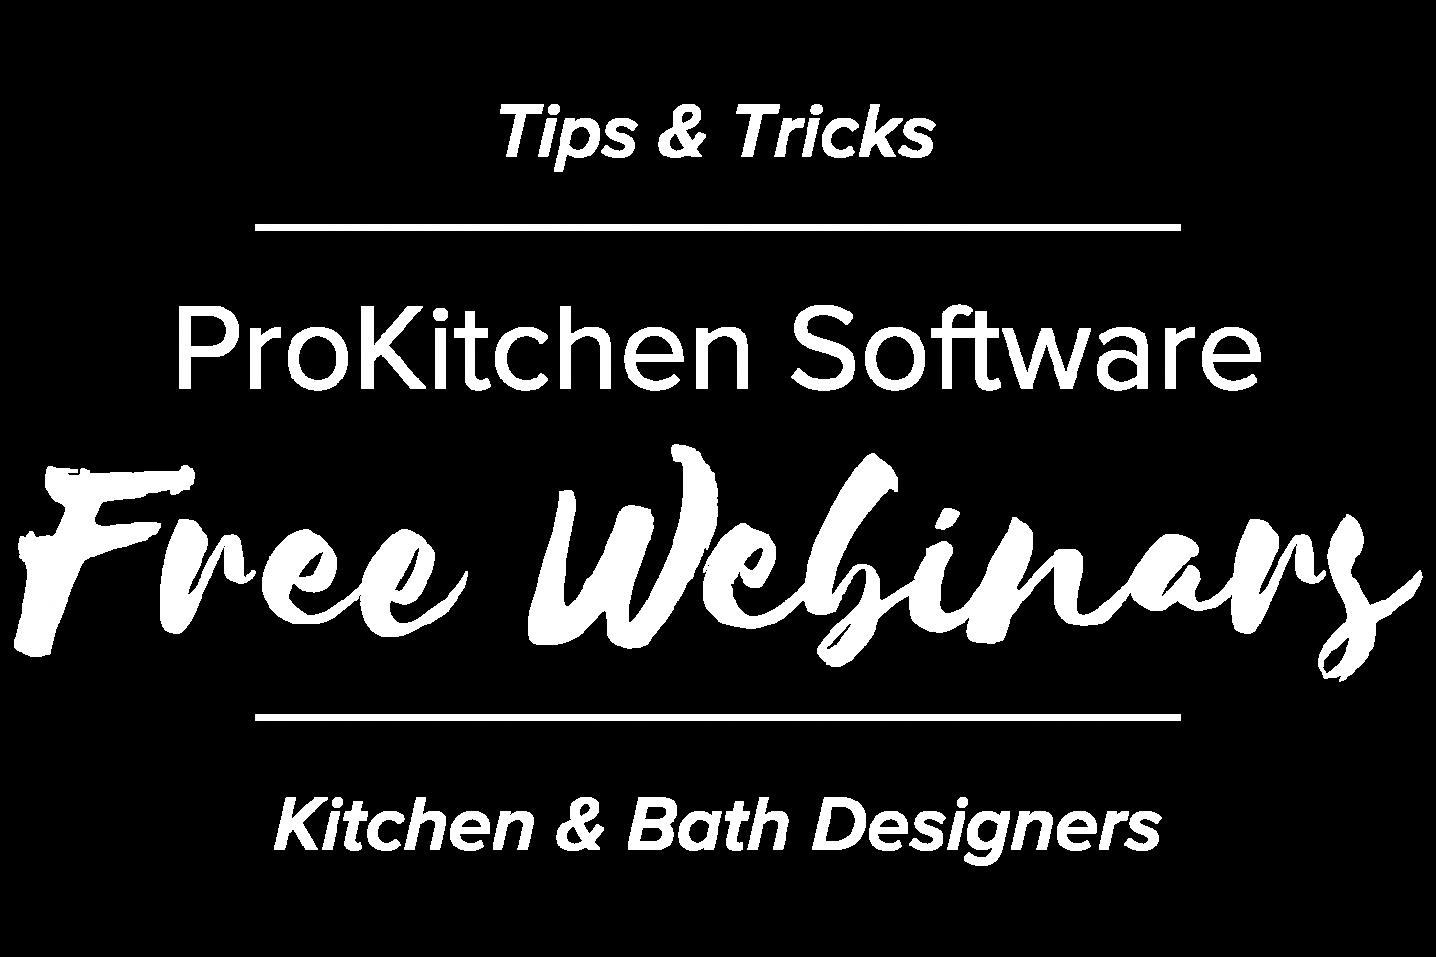 Free Webinars | ProKitchen Software | Kitchen & Bath Designers | Tips & Tricks